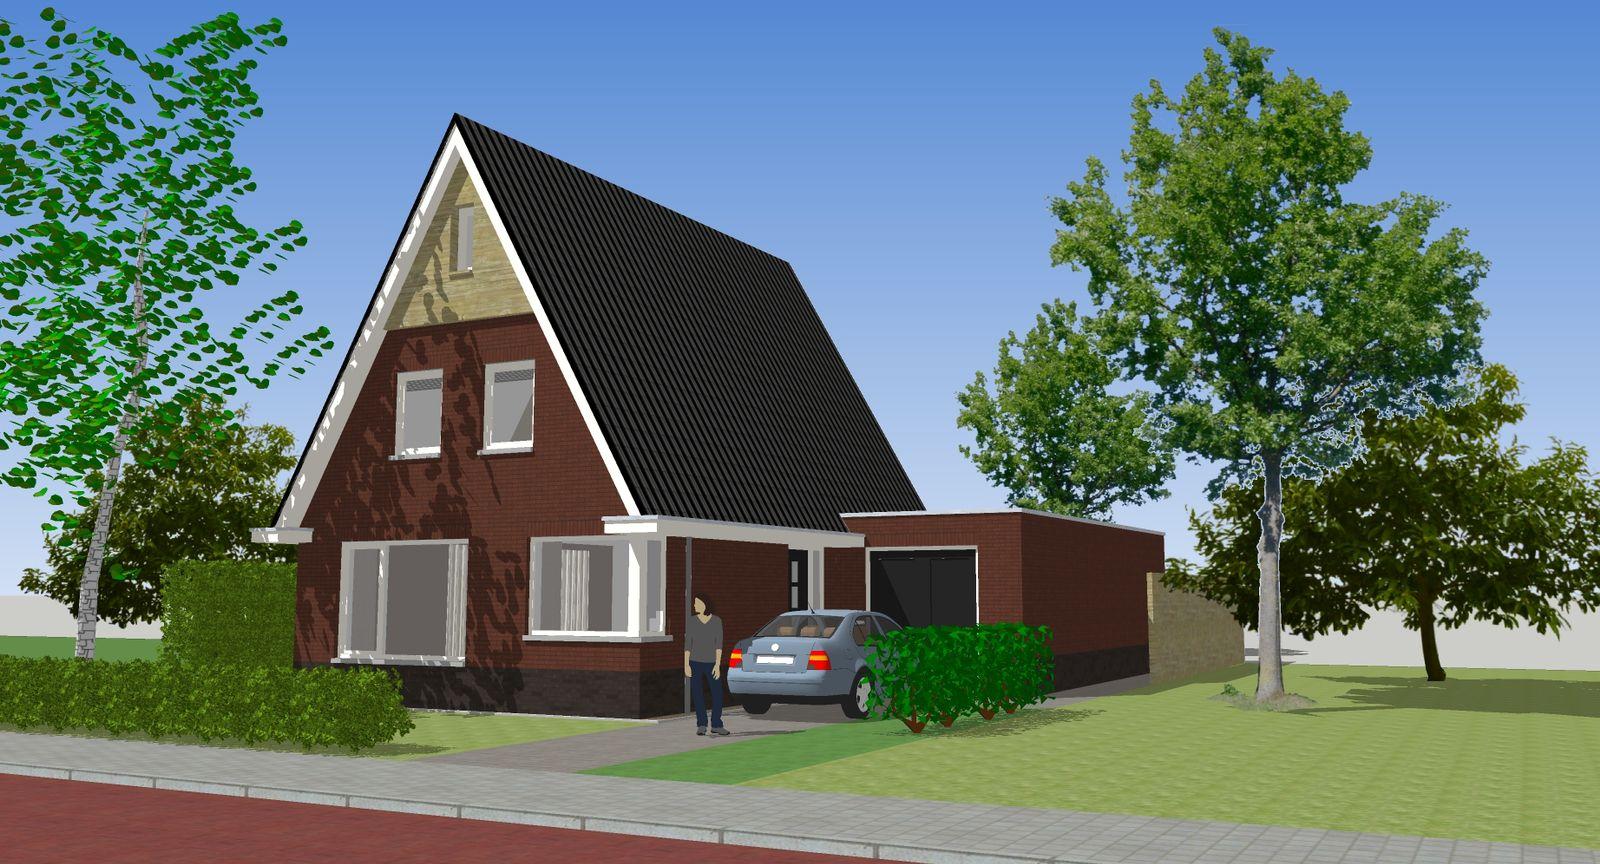 Kievitslanden - Punter 0-ong, Almere